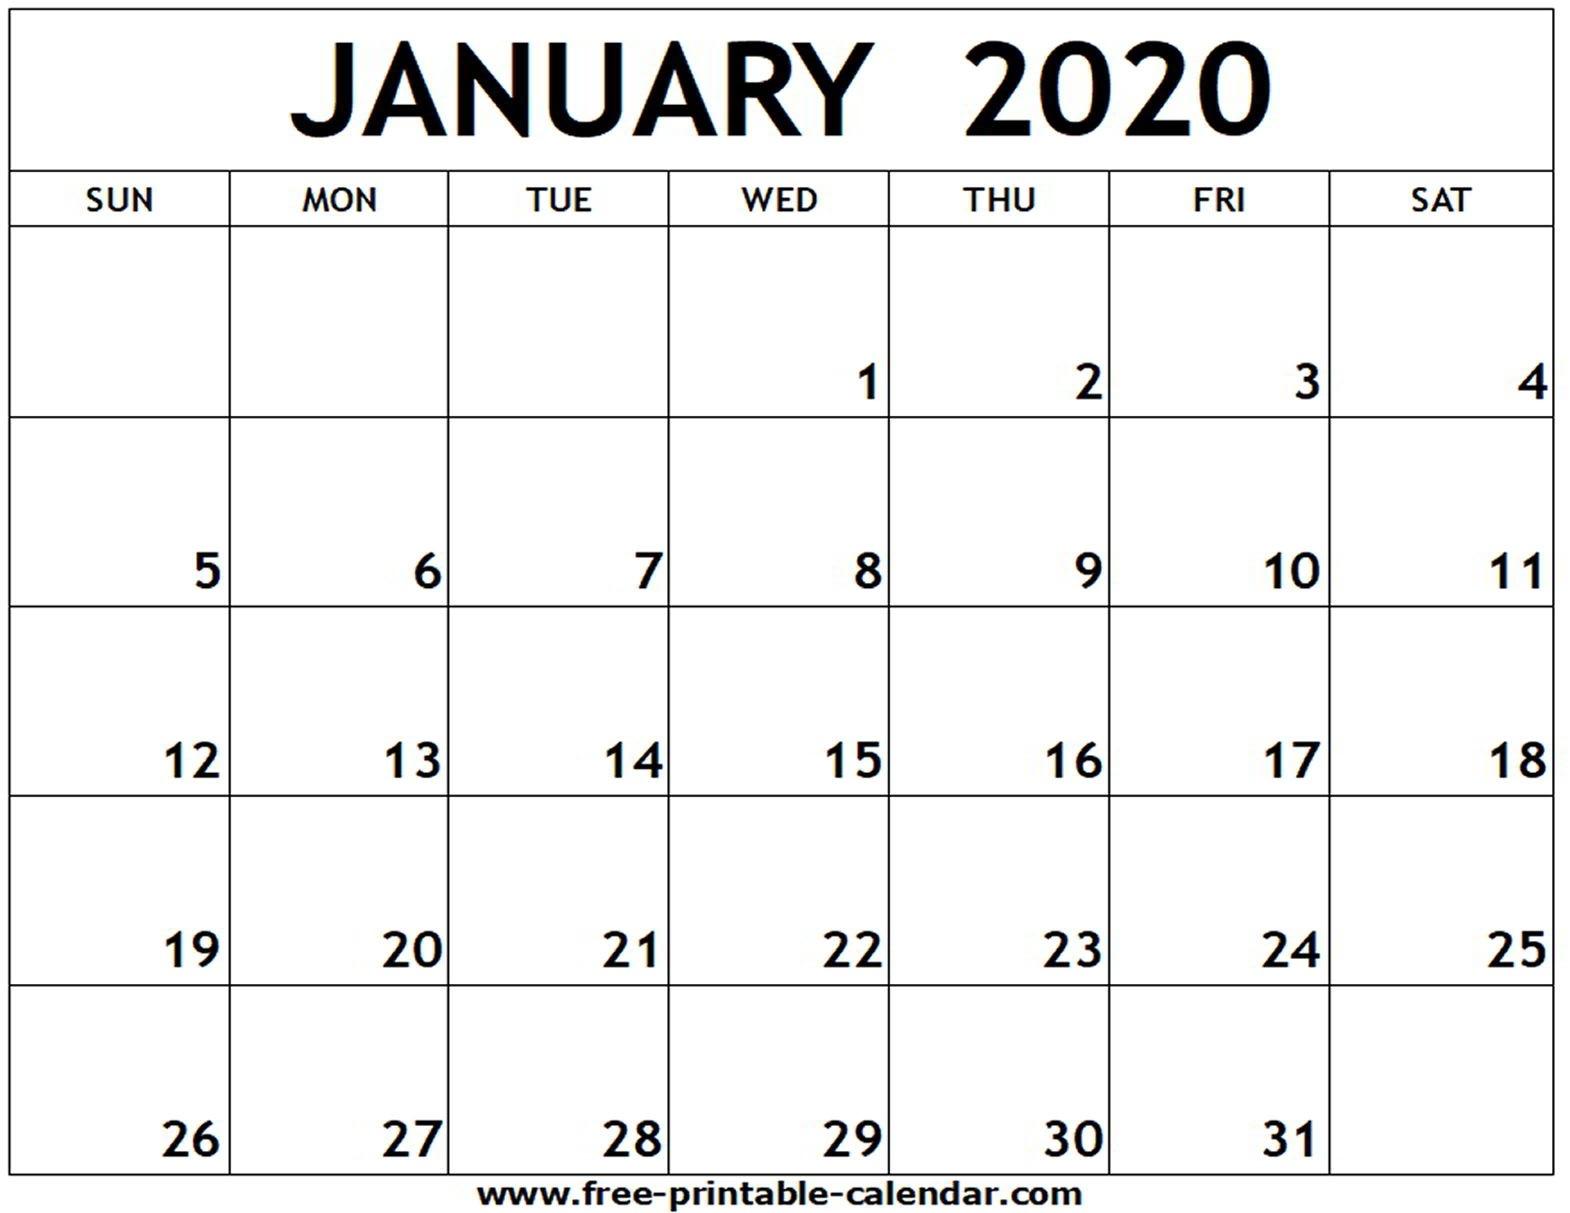 January 2020 Printable Calendar - Free-Printable-Calendar-January 2020 Calendar Free